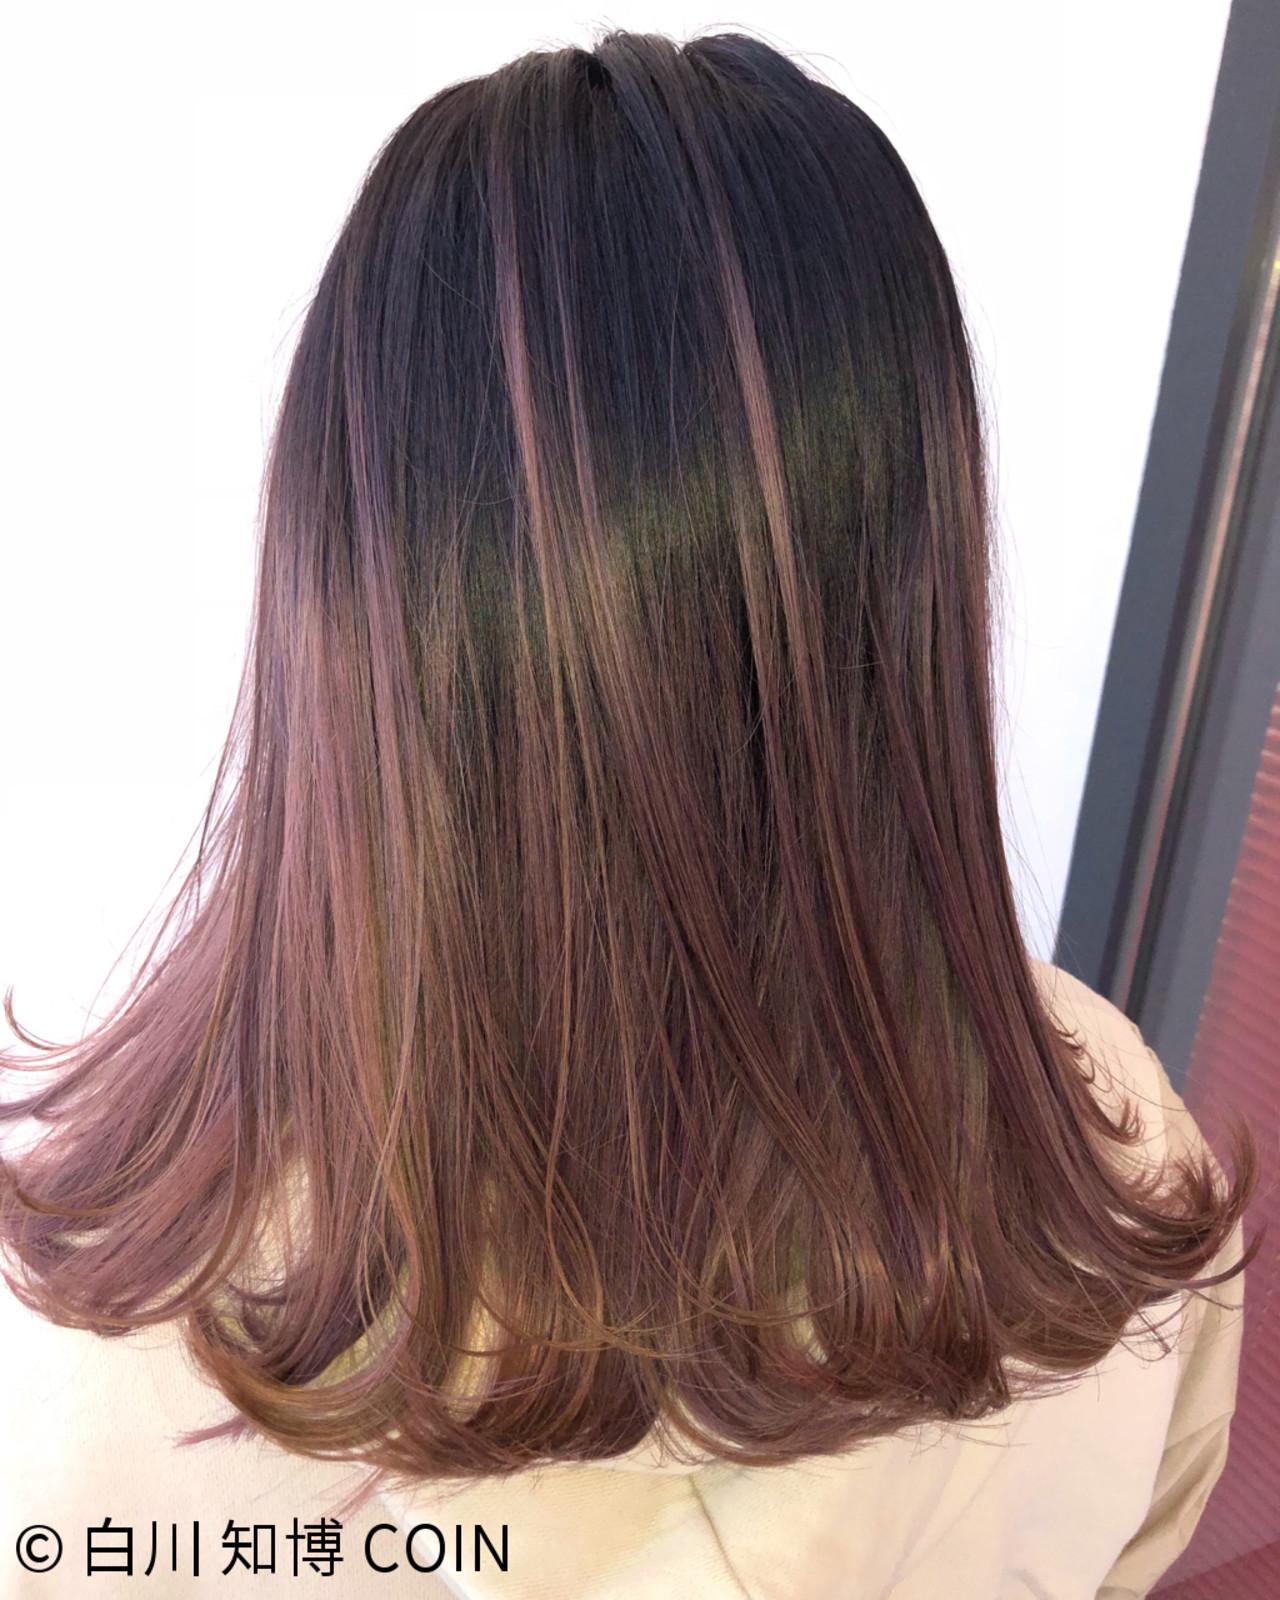 ボブ ストリート 女子力 簡単ヘアアレンジ ヘアスタイルや髪型の写真・画像